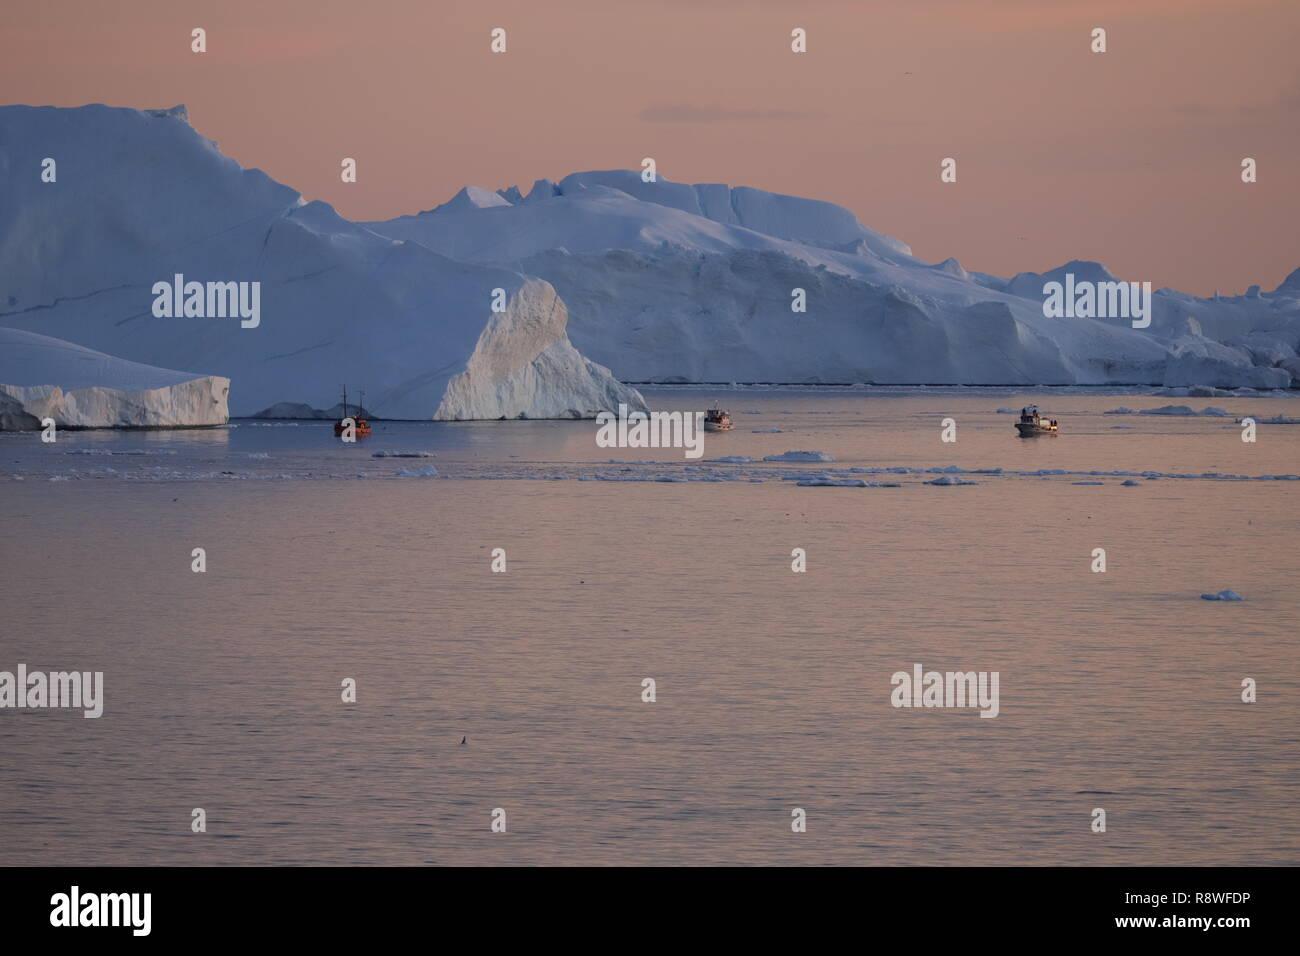 Ilulissat Eisberge am Abend Lichtkunst vom Feinsten. Kleine Ausflugsboote bringen die Touristen direkt an die weißen Riesen - Stock Image